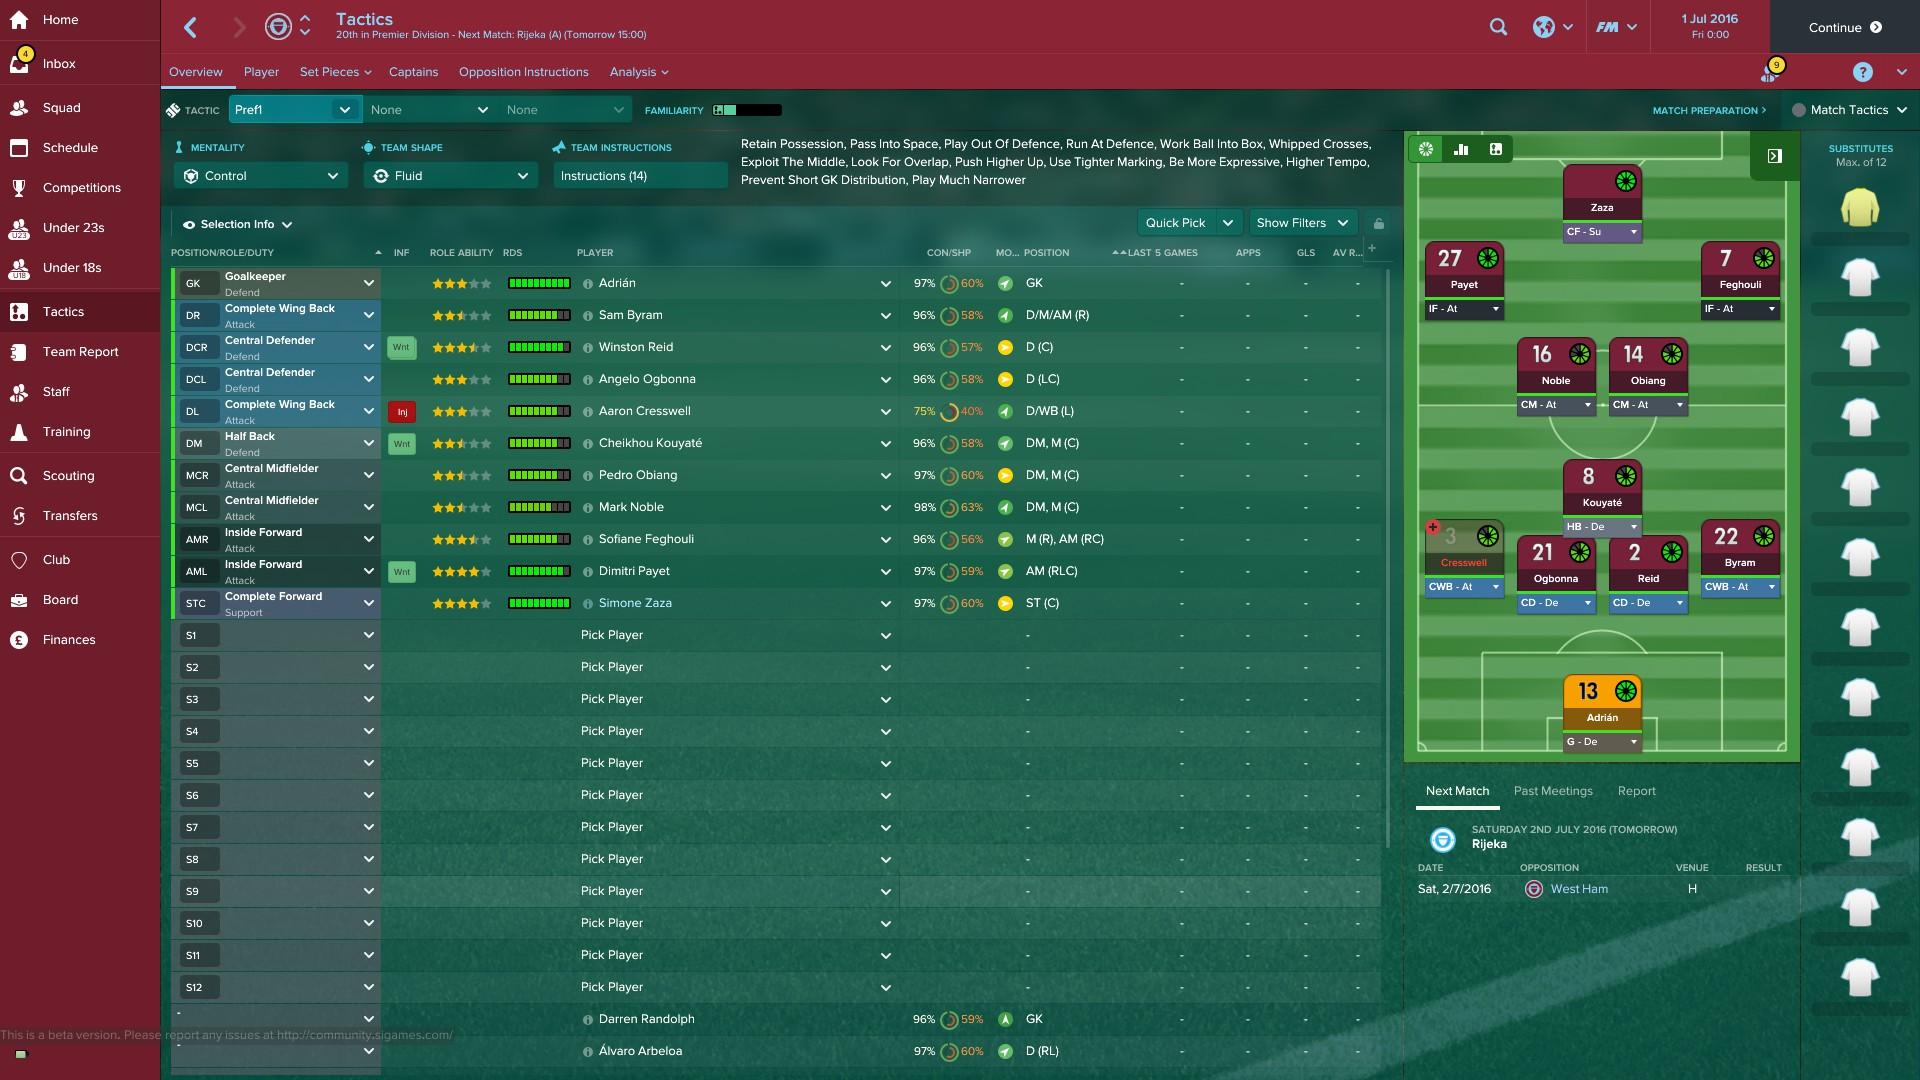 Best West Ham XI